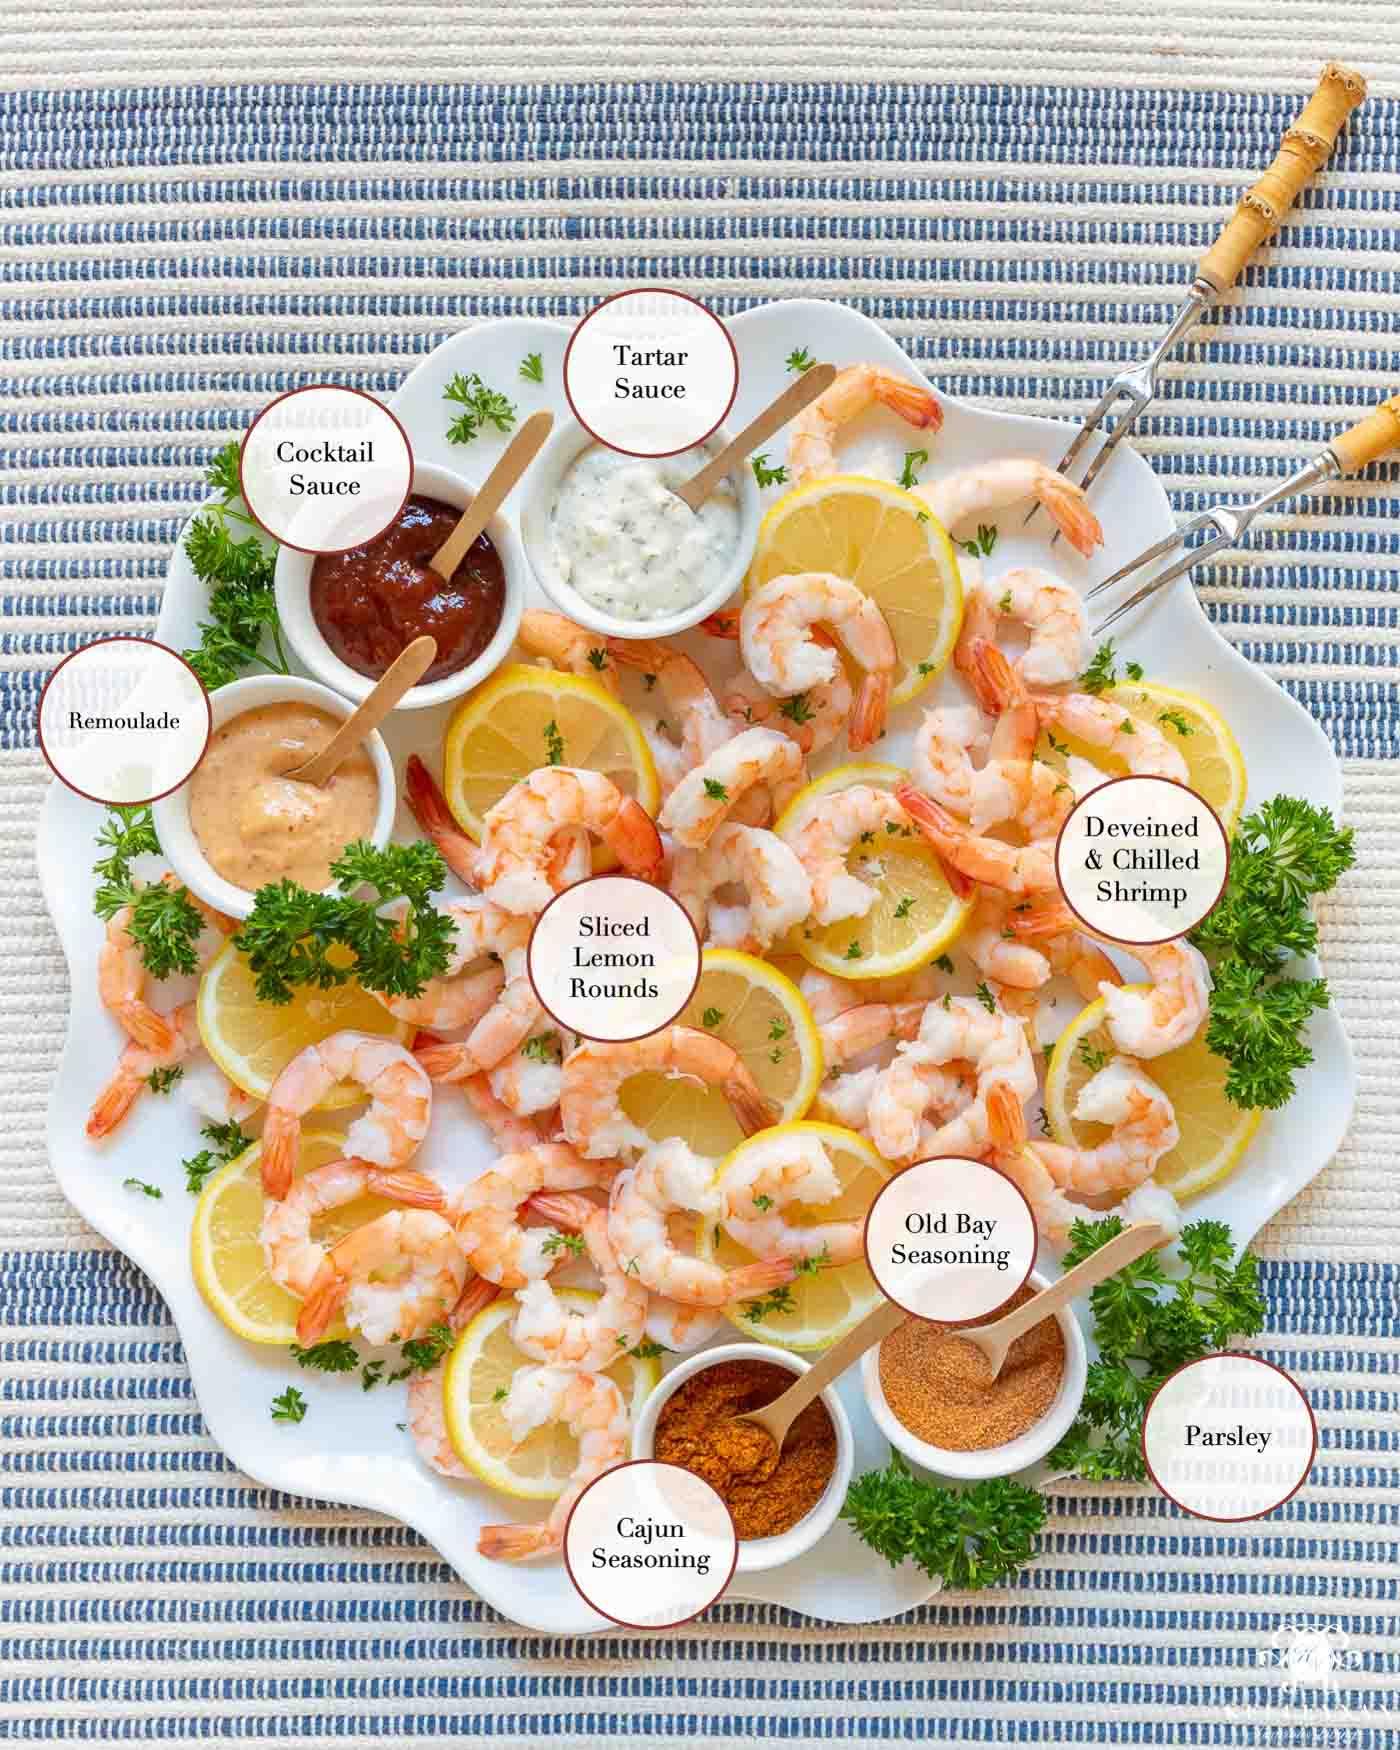 Shrimp Party Platter Charcuterie Board Idea